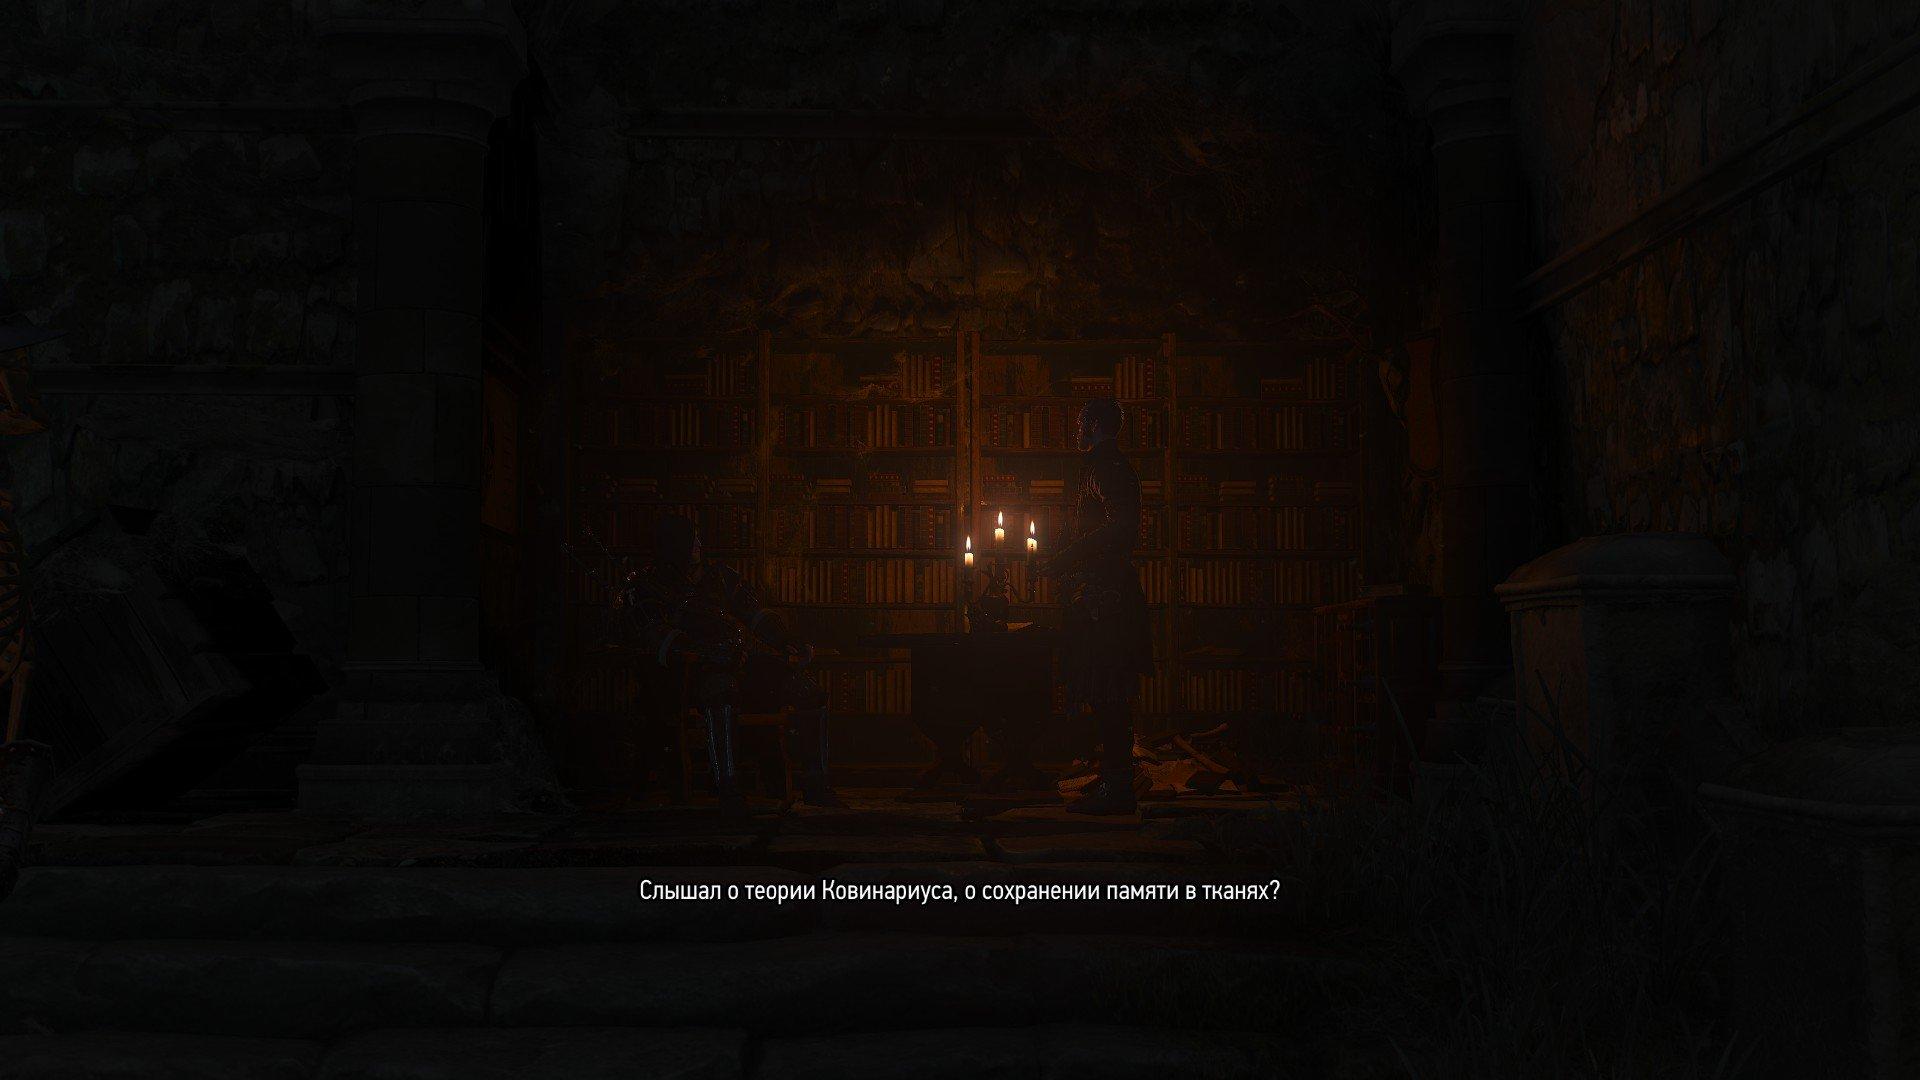 Вопль-прохождение Witcher 3: Кровь и Вино ... ФИНАЛ!!! [ВНИМАНИЕ, СПОЙЛЕРЫ] - Изображение 3